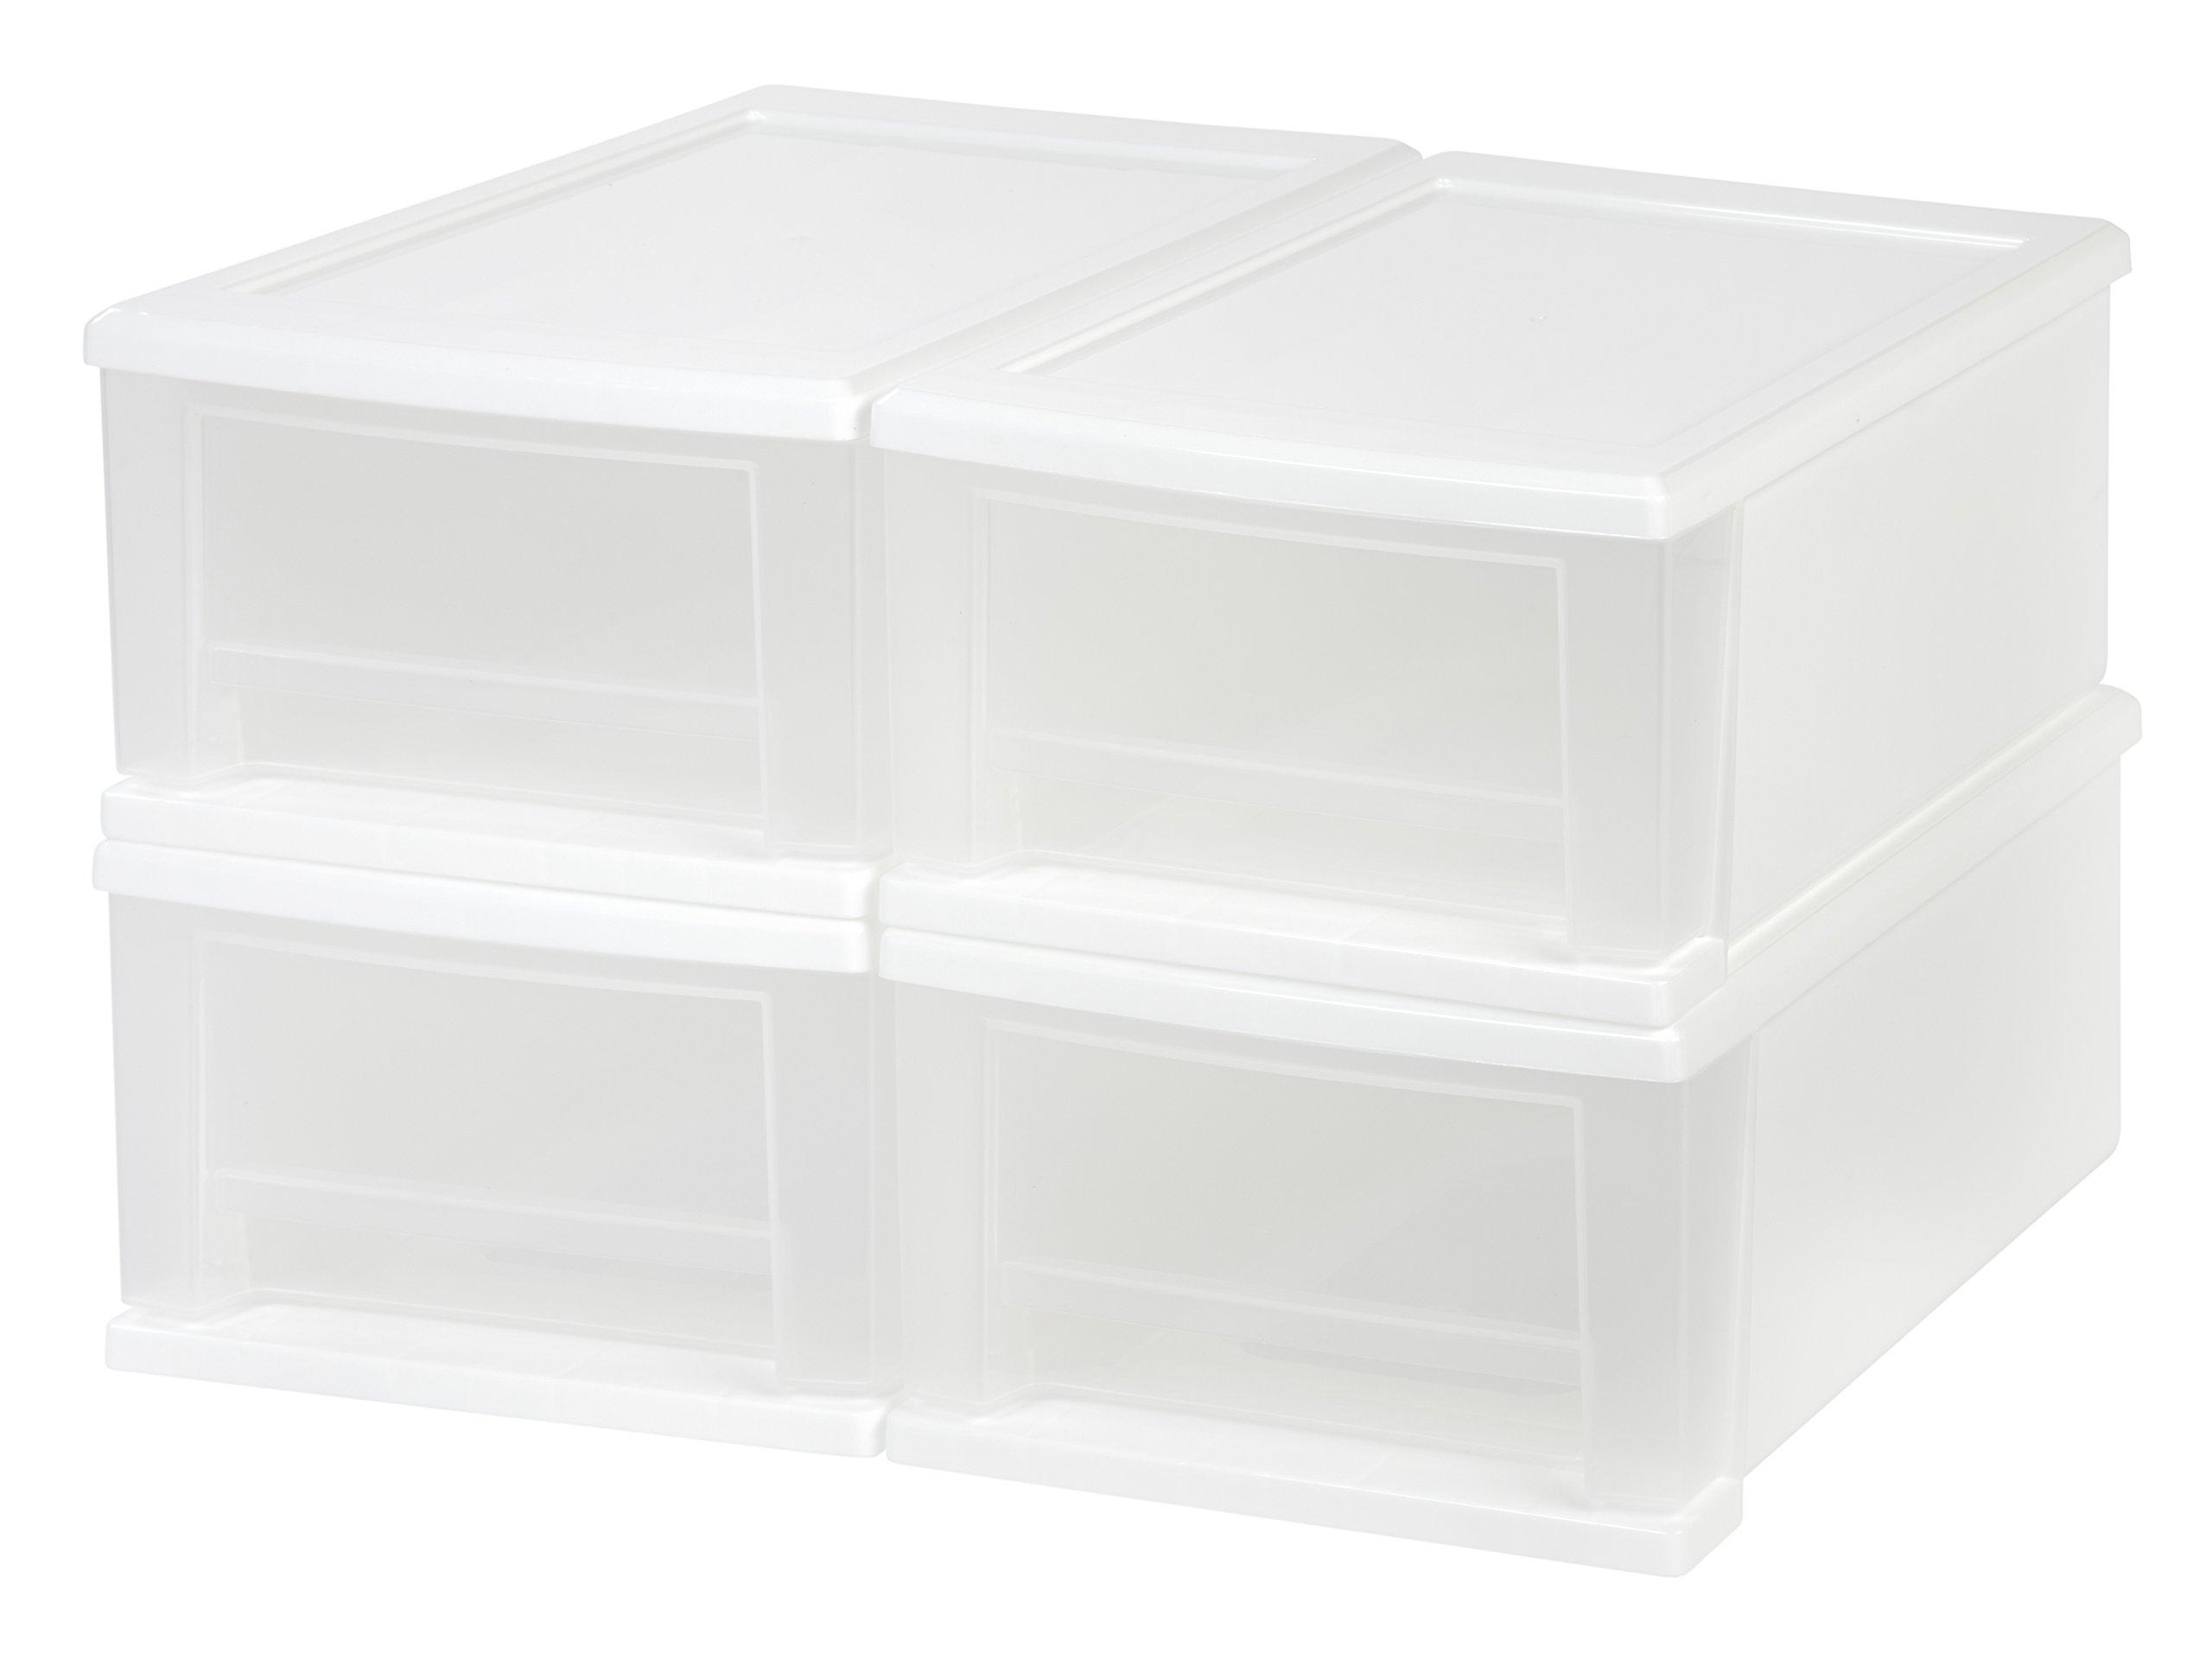 IRIS 7 Quart Stacking Drawer, 4 Pack, White